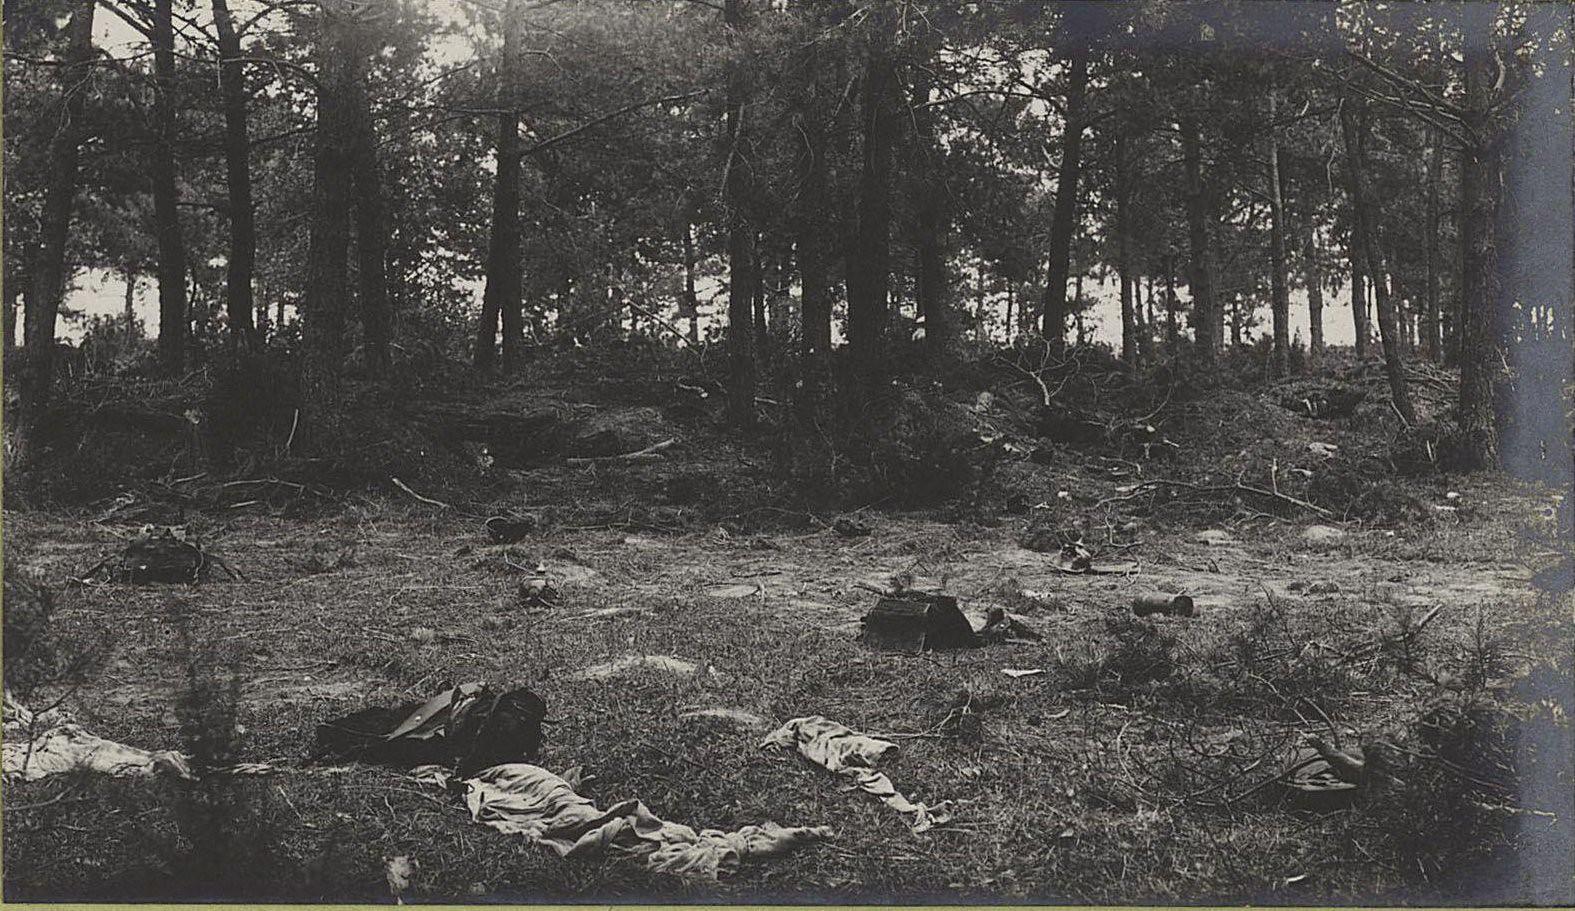 18. Австро-германские окопы, взятые между с. Высоке и Тарнавкой. Землянки в лесу